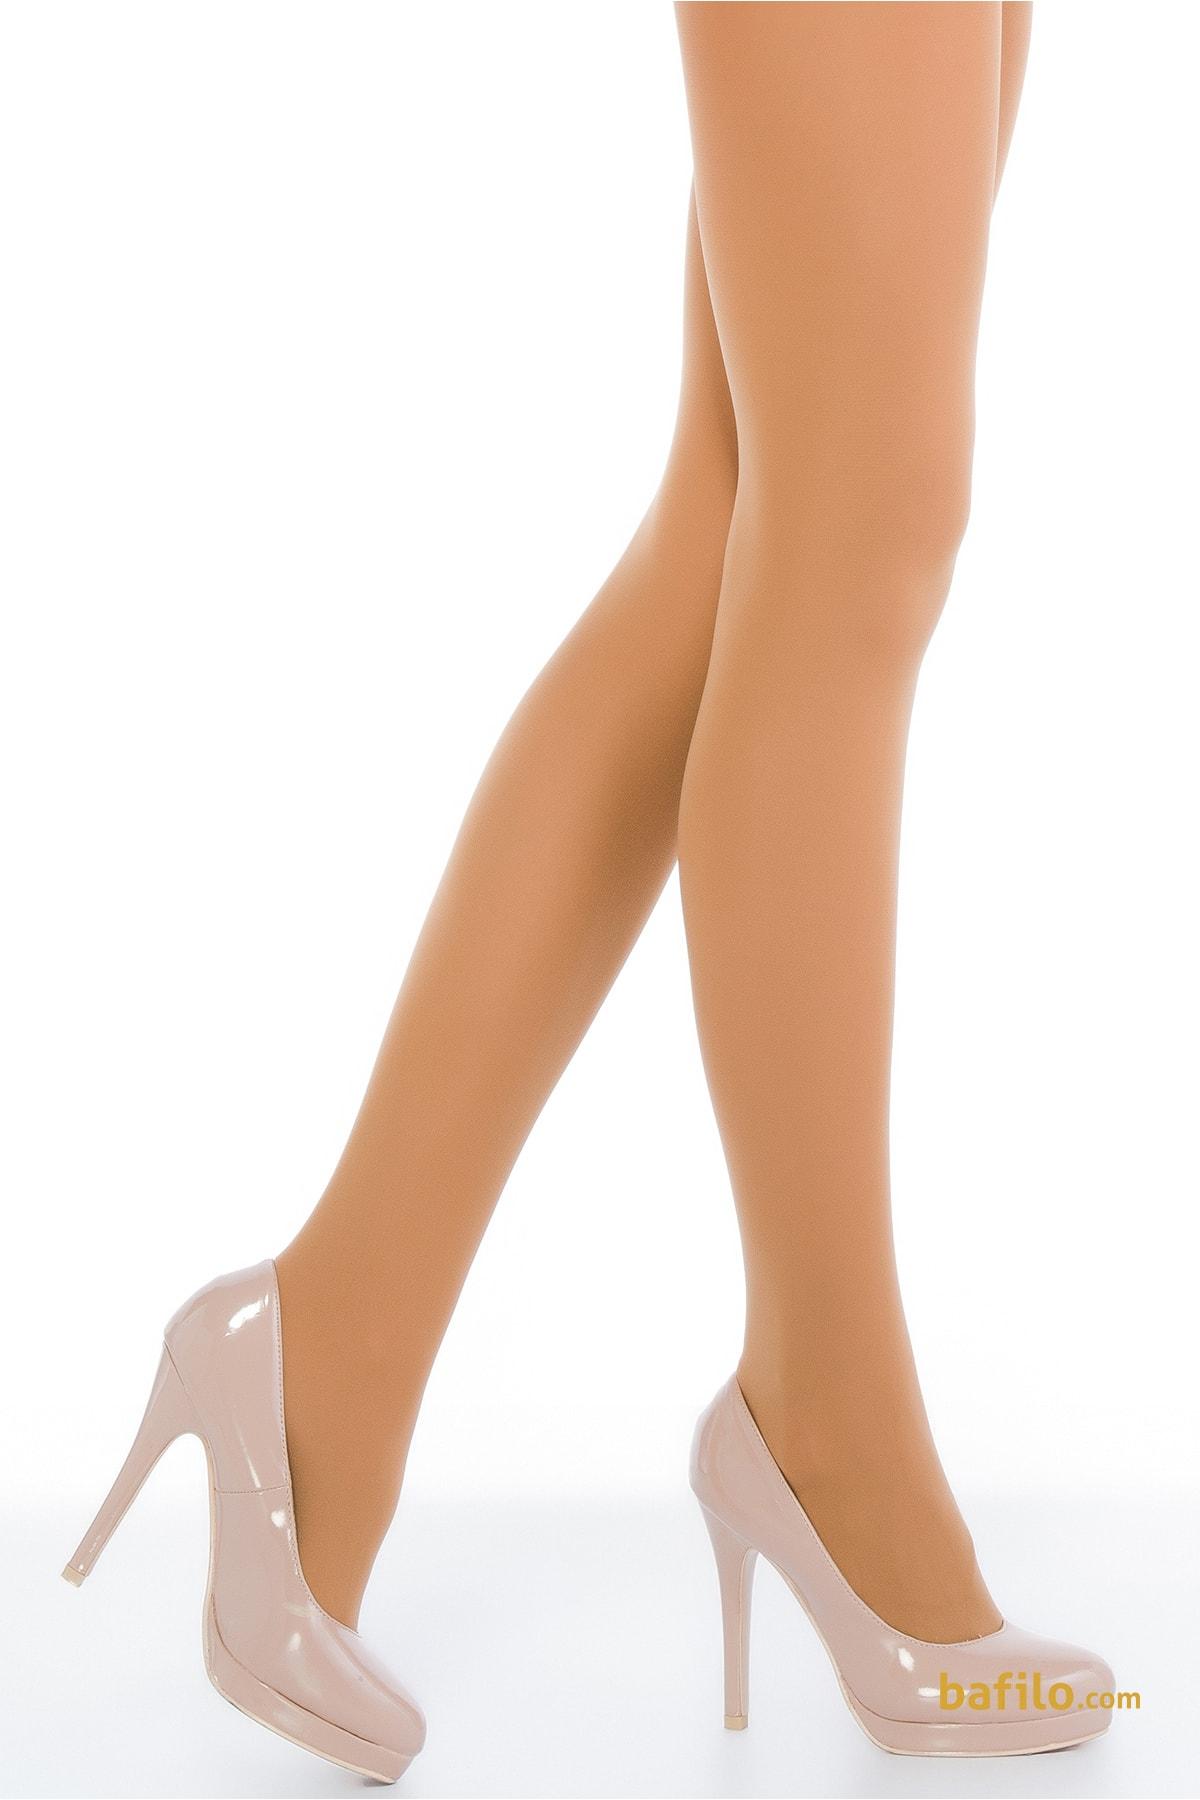 پنتی | Penti - جوراب شلواری زنانه پنتی Mikro 40 رنگ بدن